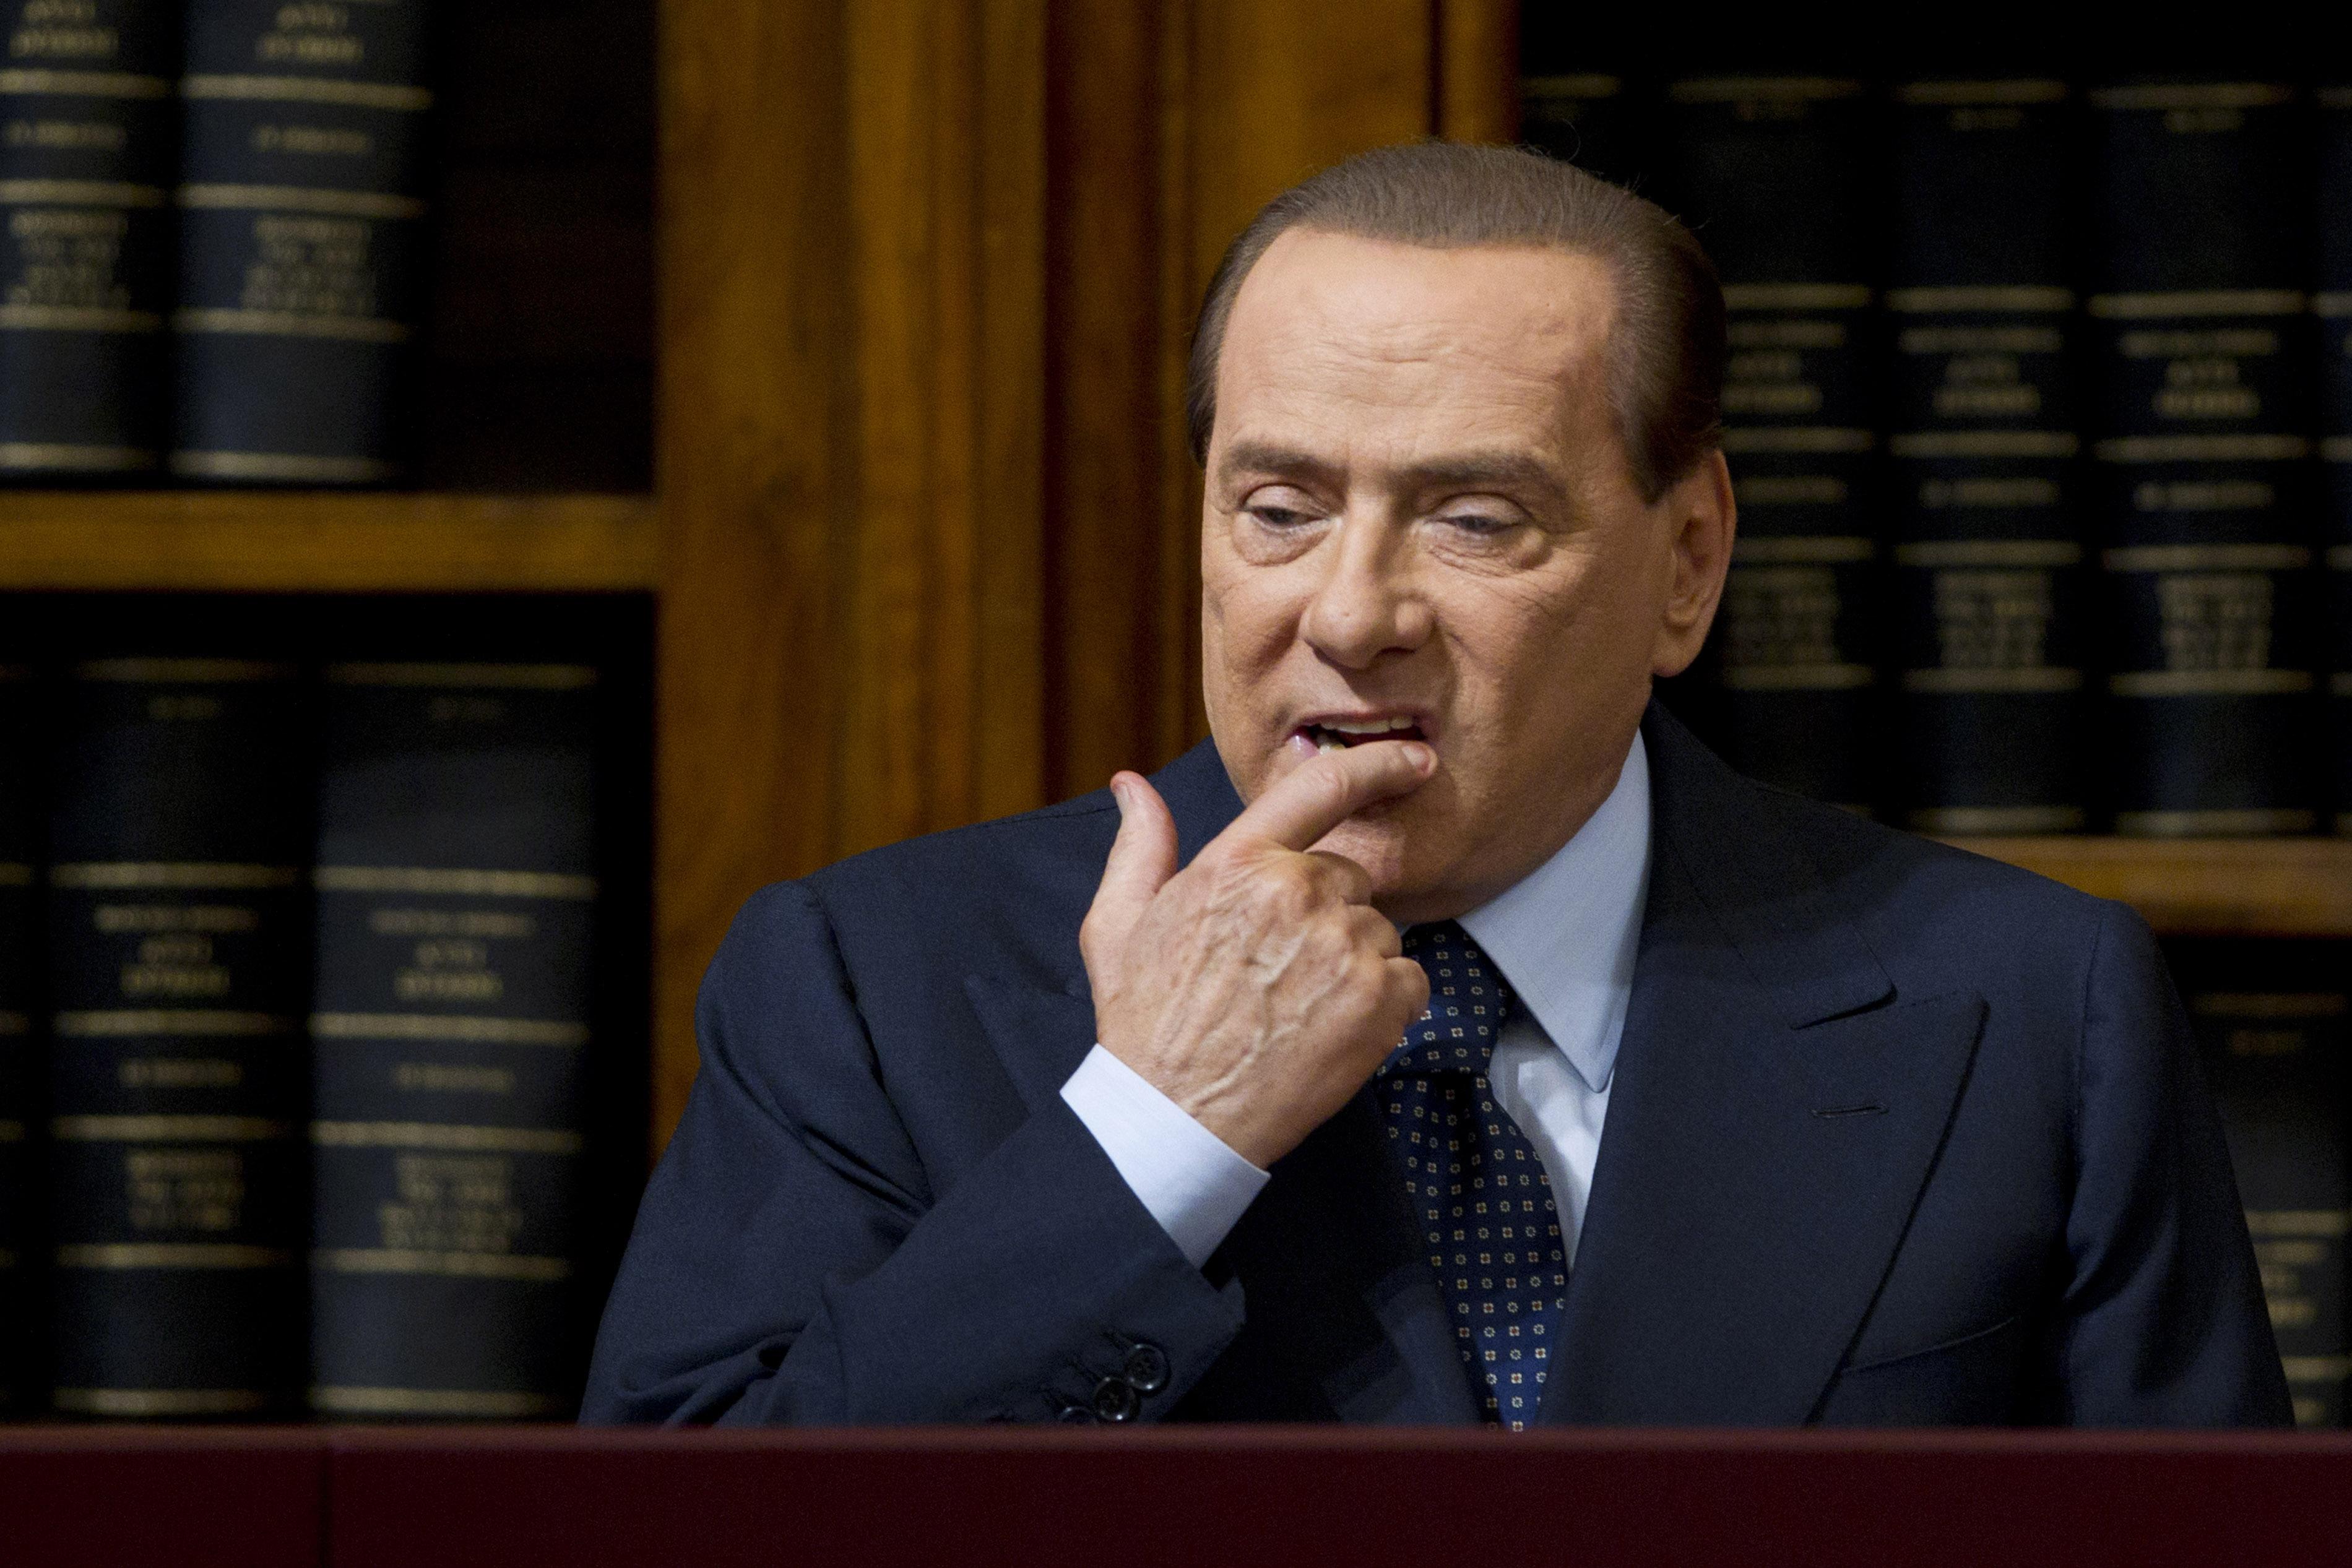 Μπερλουσκόνι  «Η καταδίκη μου είναι το τέλος της Δημοκρατίας ... cb93611a30e